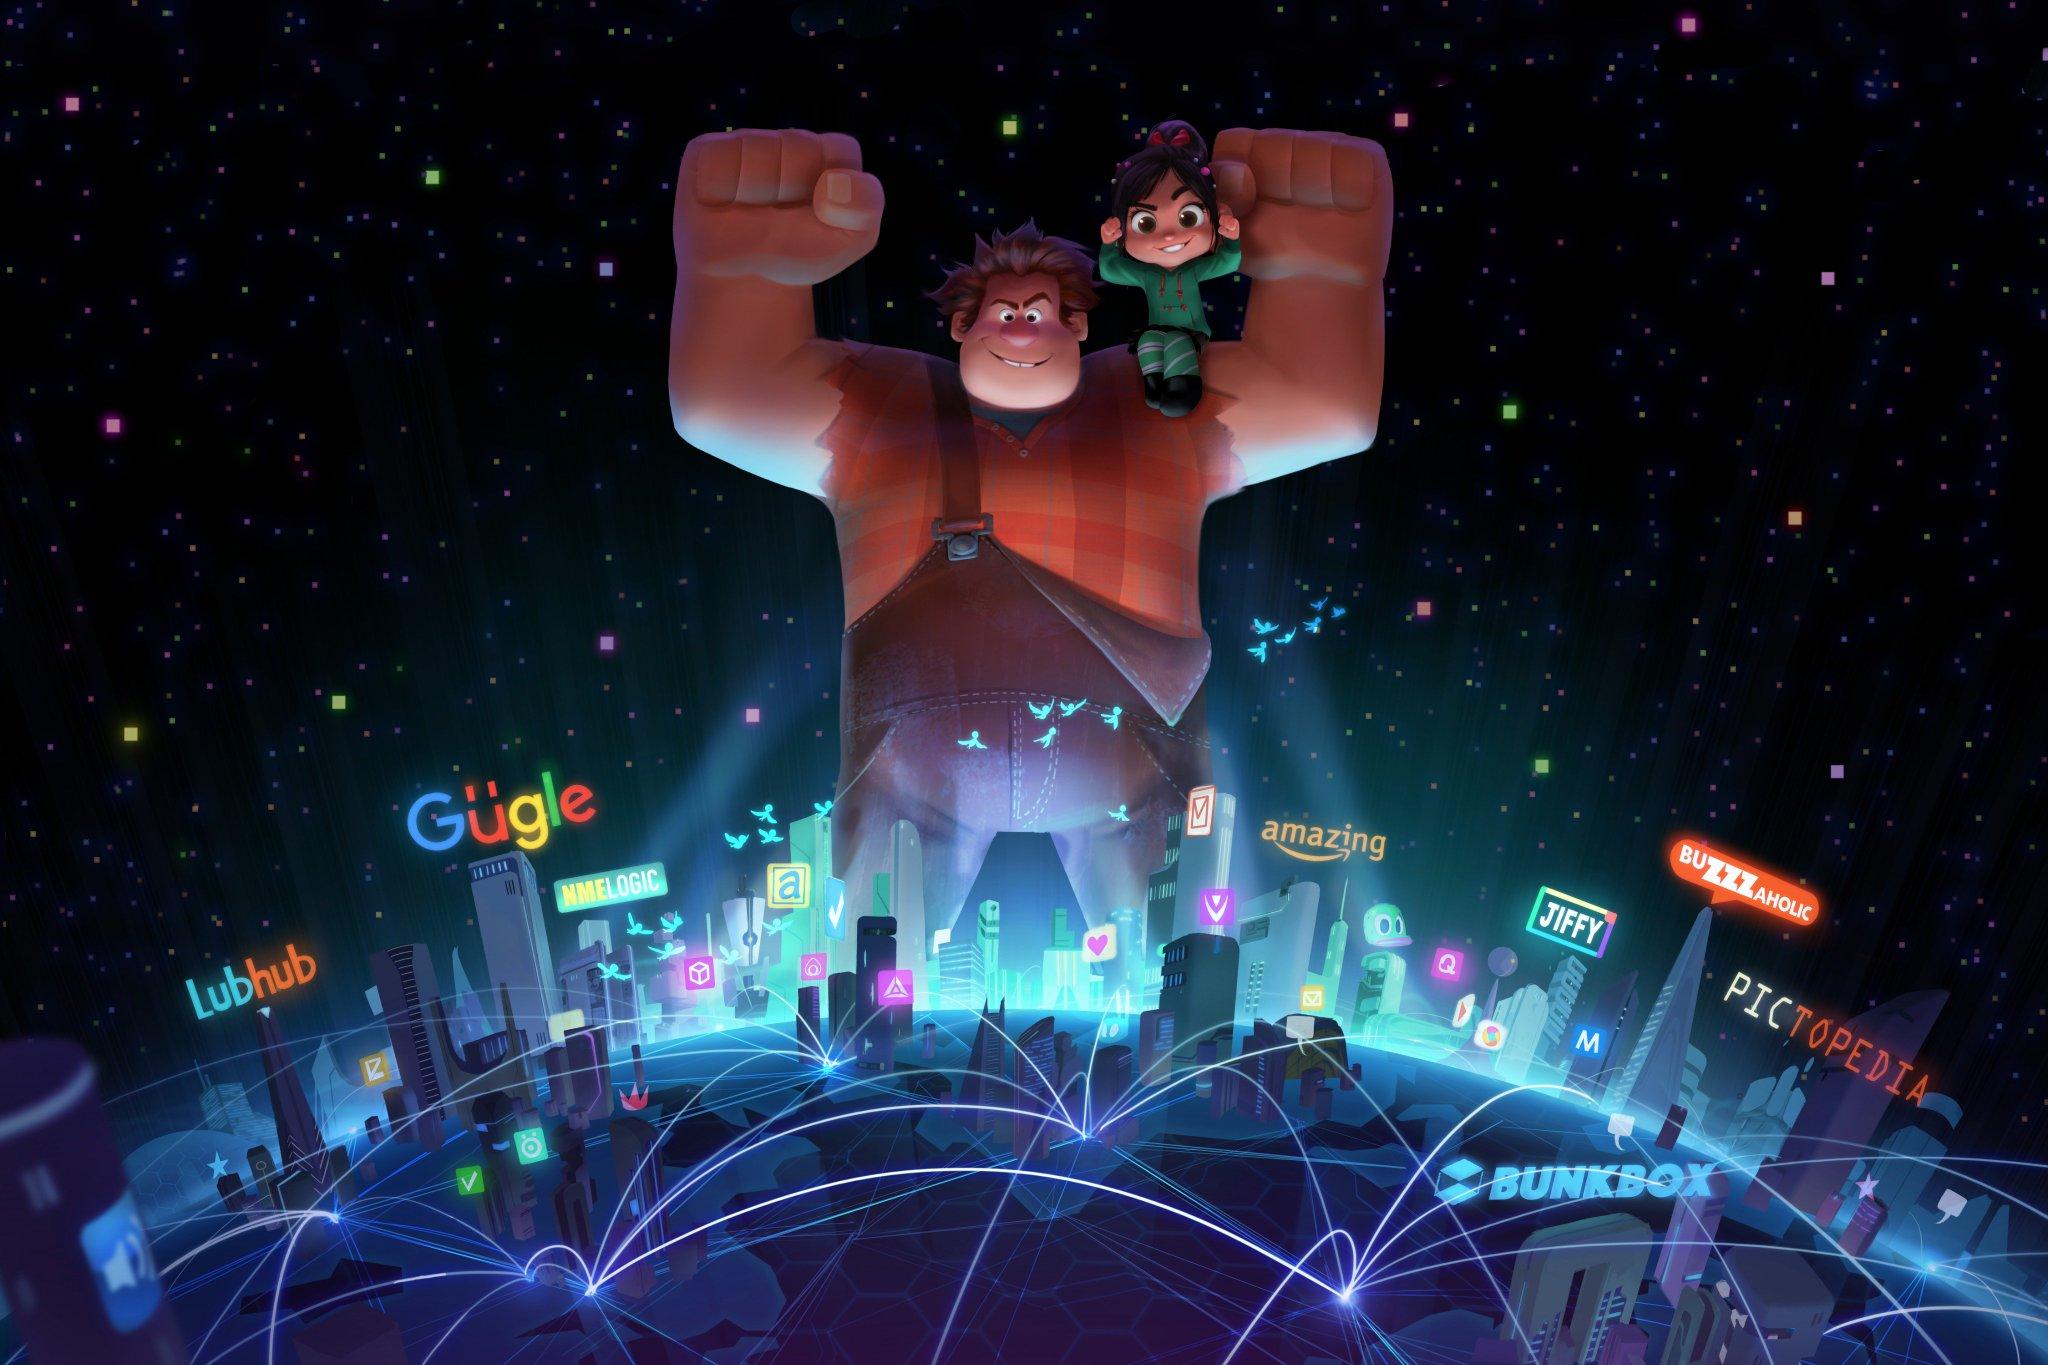 映画『シュガーラッシュ2』あらすじキャスト公開日は!?今回はゲームを離れインターネットの世界へ!